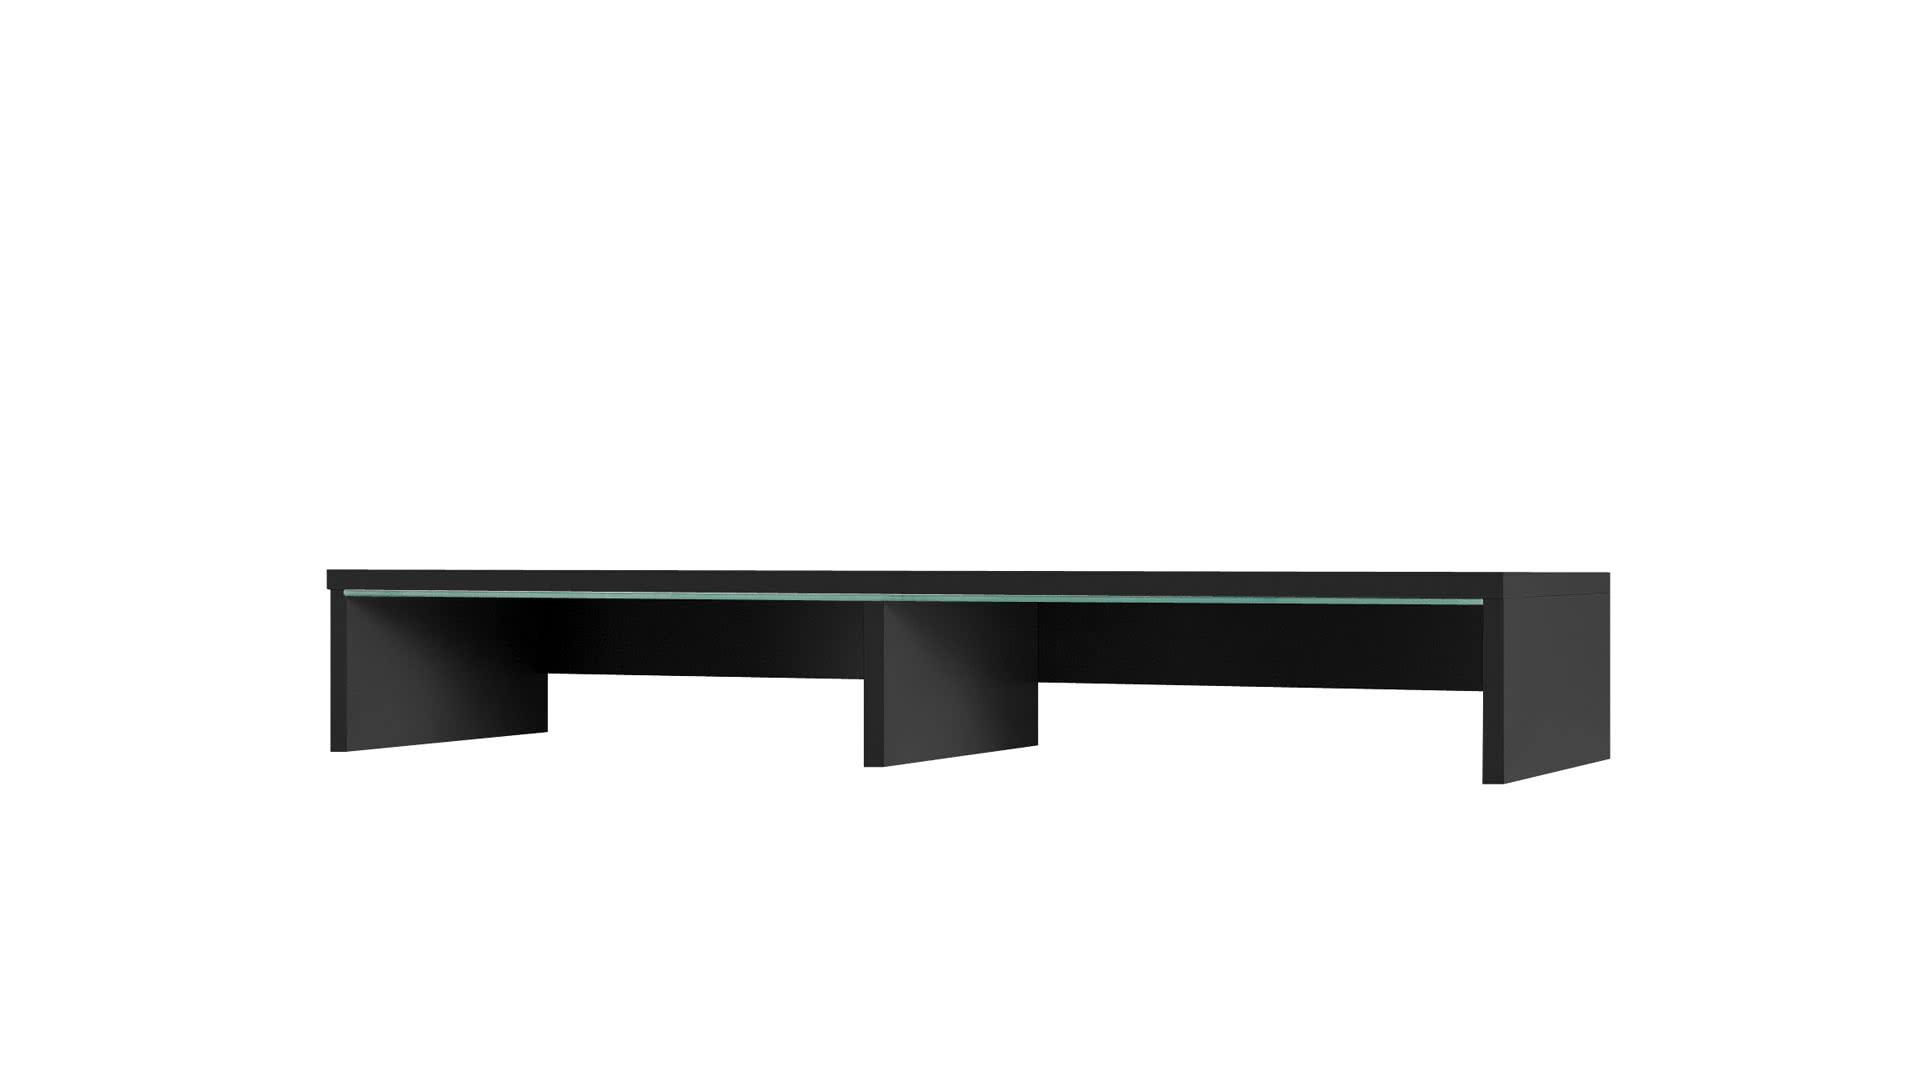 Nástavec k TV stolku GORDIA, 15x100x32, Černá barva, bílé LED